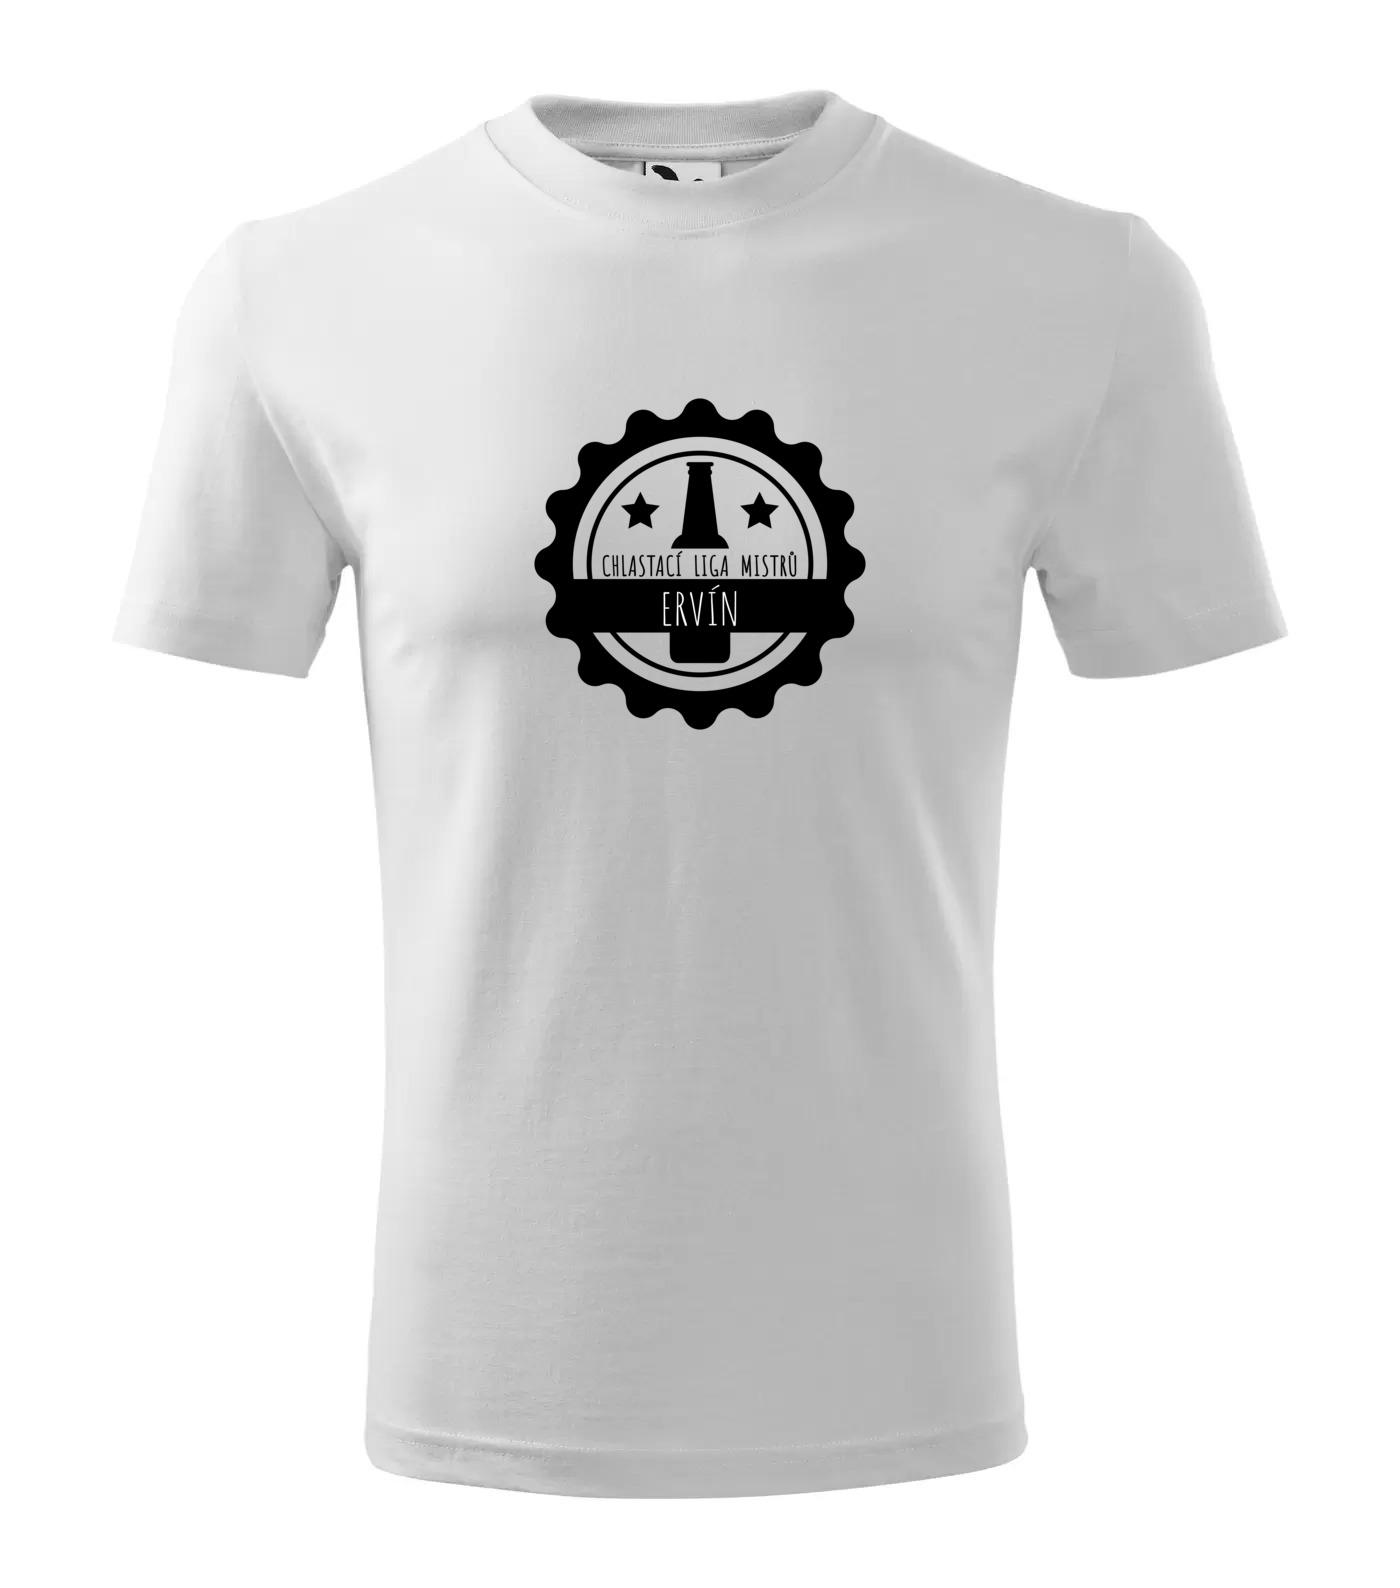 Tričko Chlastací liga mužů Ervín